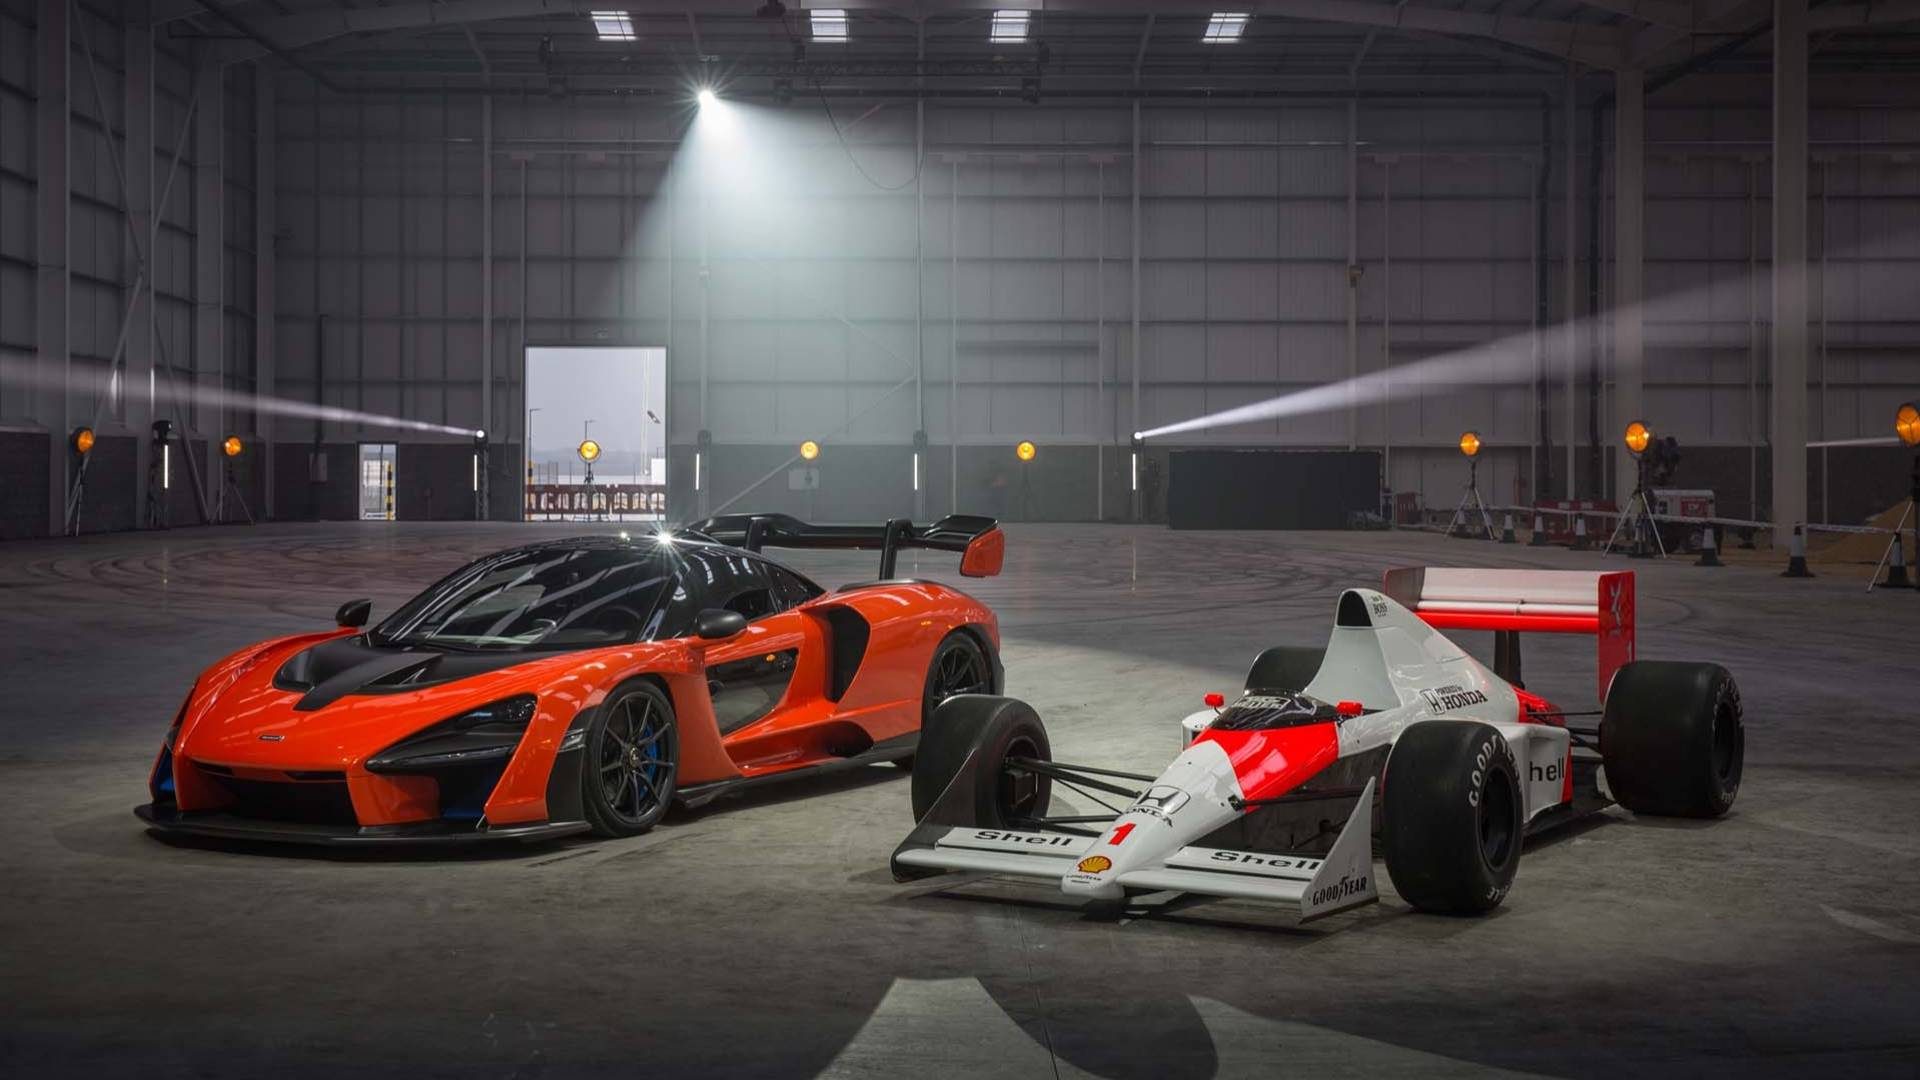 McLaren_Carbon_Composites_Technology_Center_0006